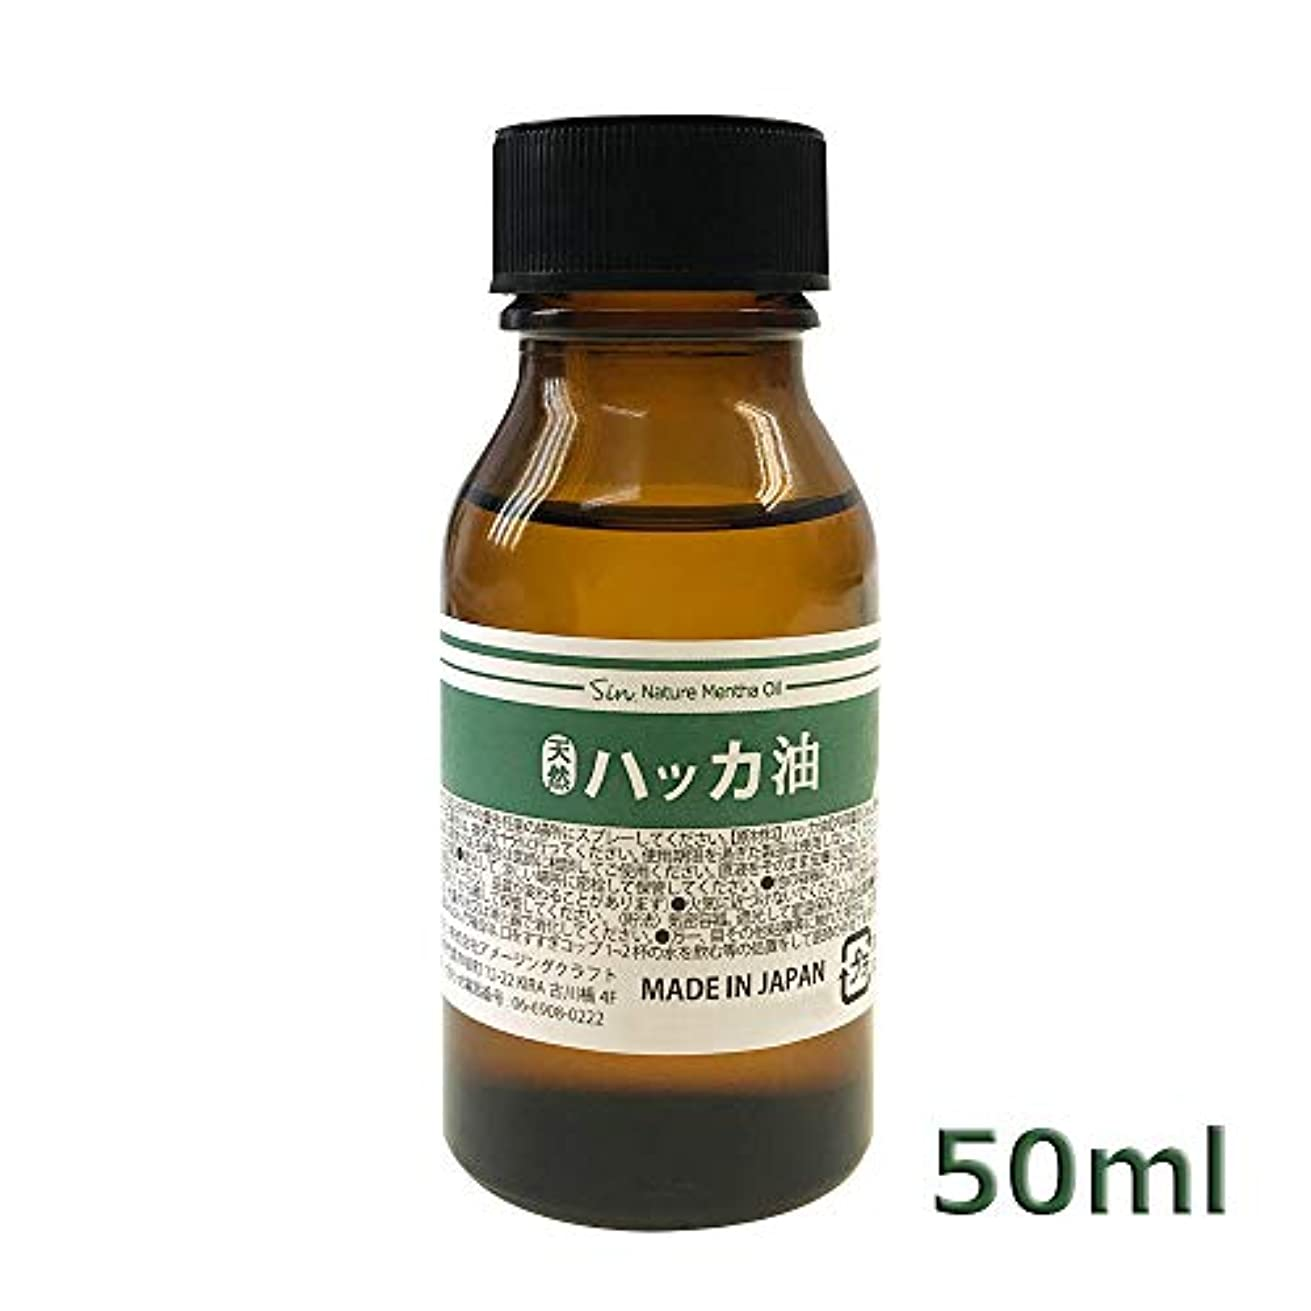 イースターアセンブリ果てしない日本製 天然ハッカ油(ハッカオイル) 50ml